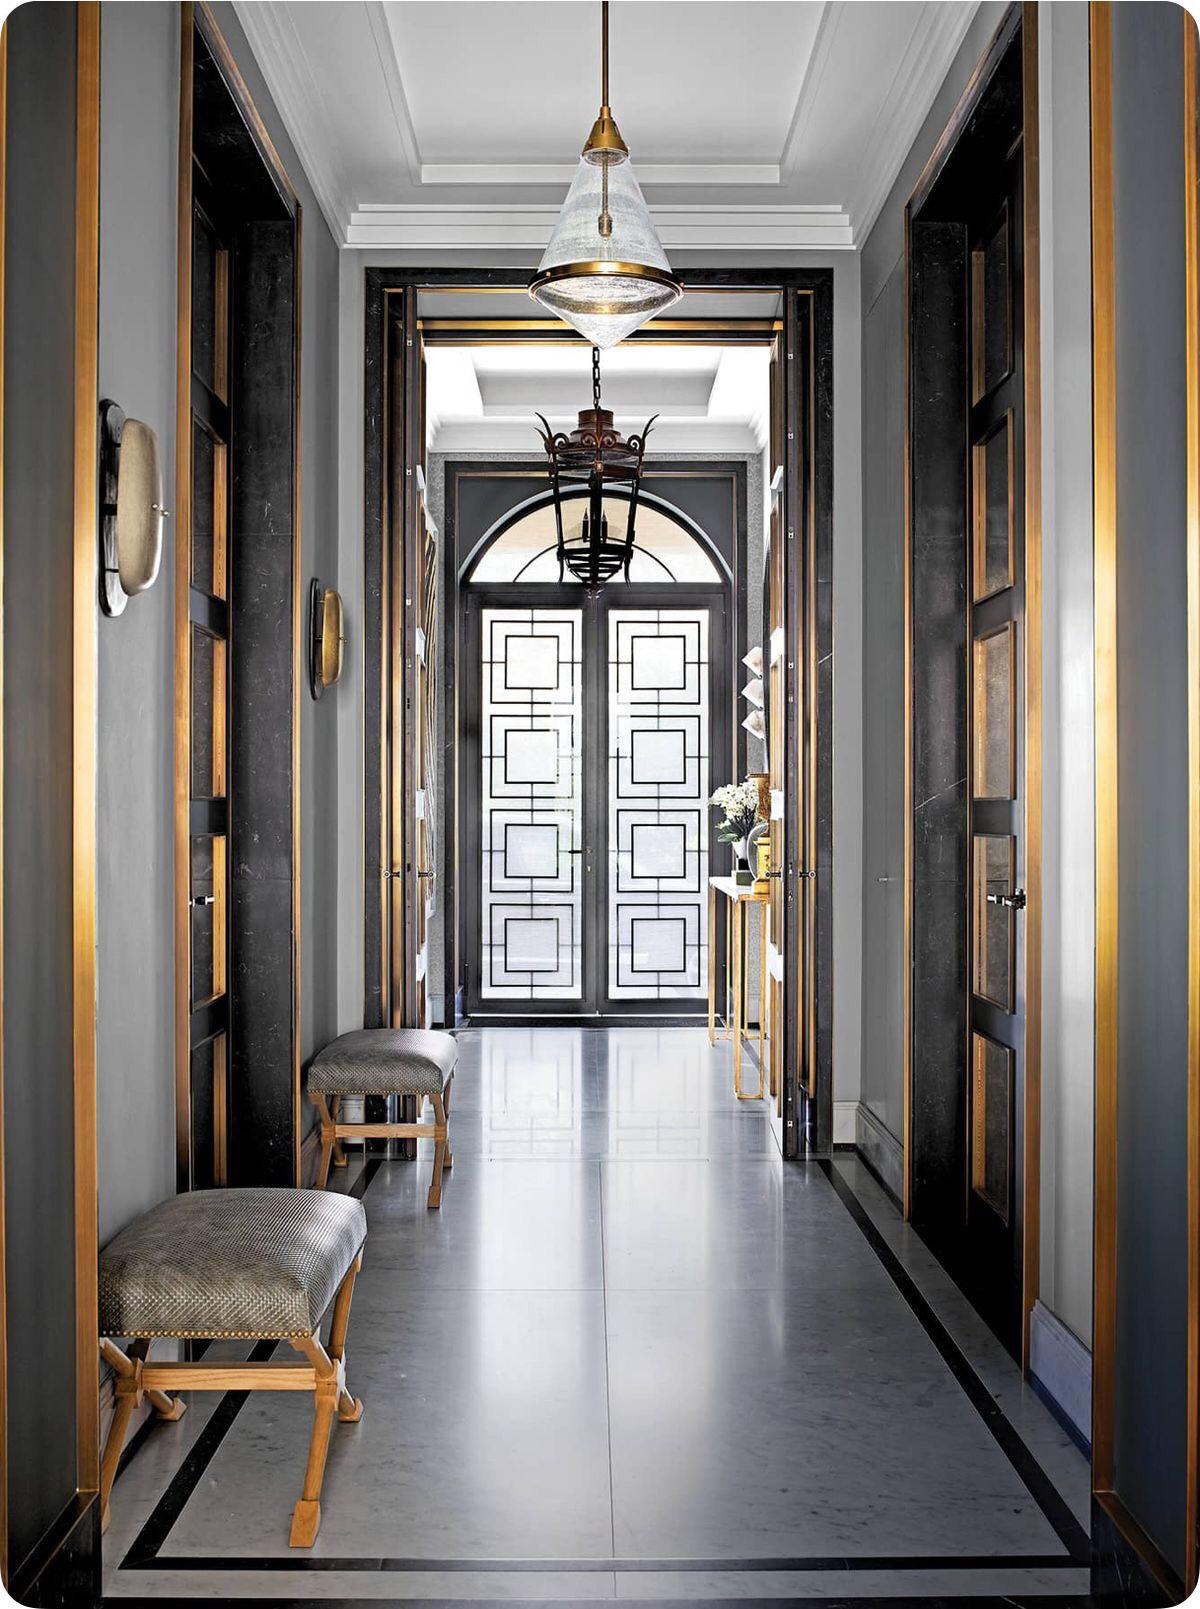 Beautiful breathtaking entryway ,a true show stopper